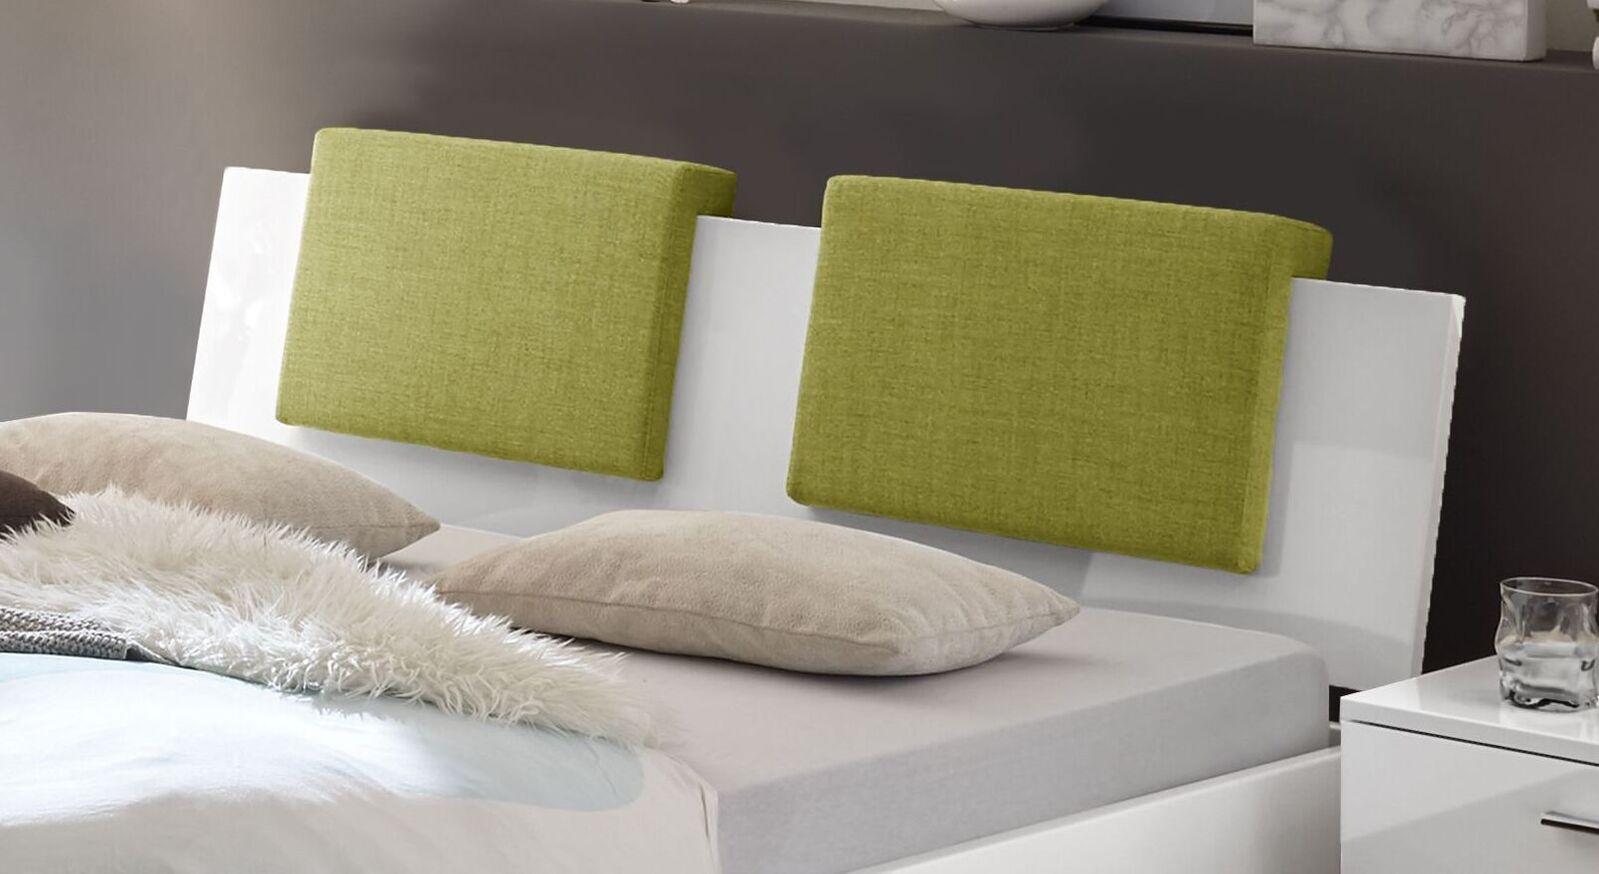 Einsteck-Kissen Rimini Webstoff meliert für mehr Komfort